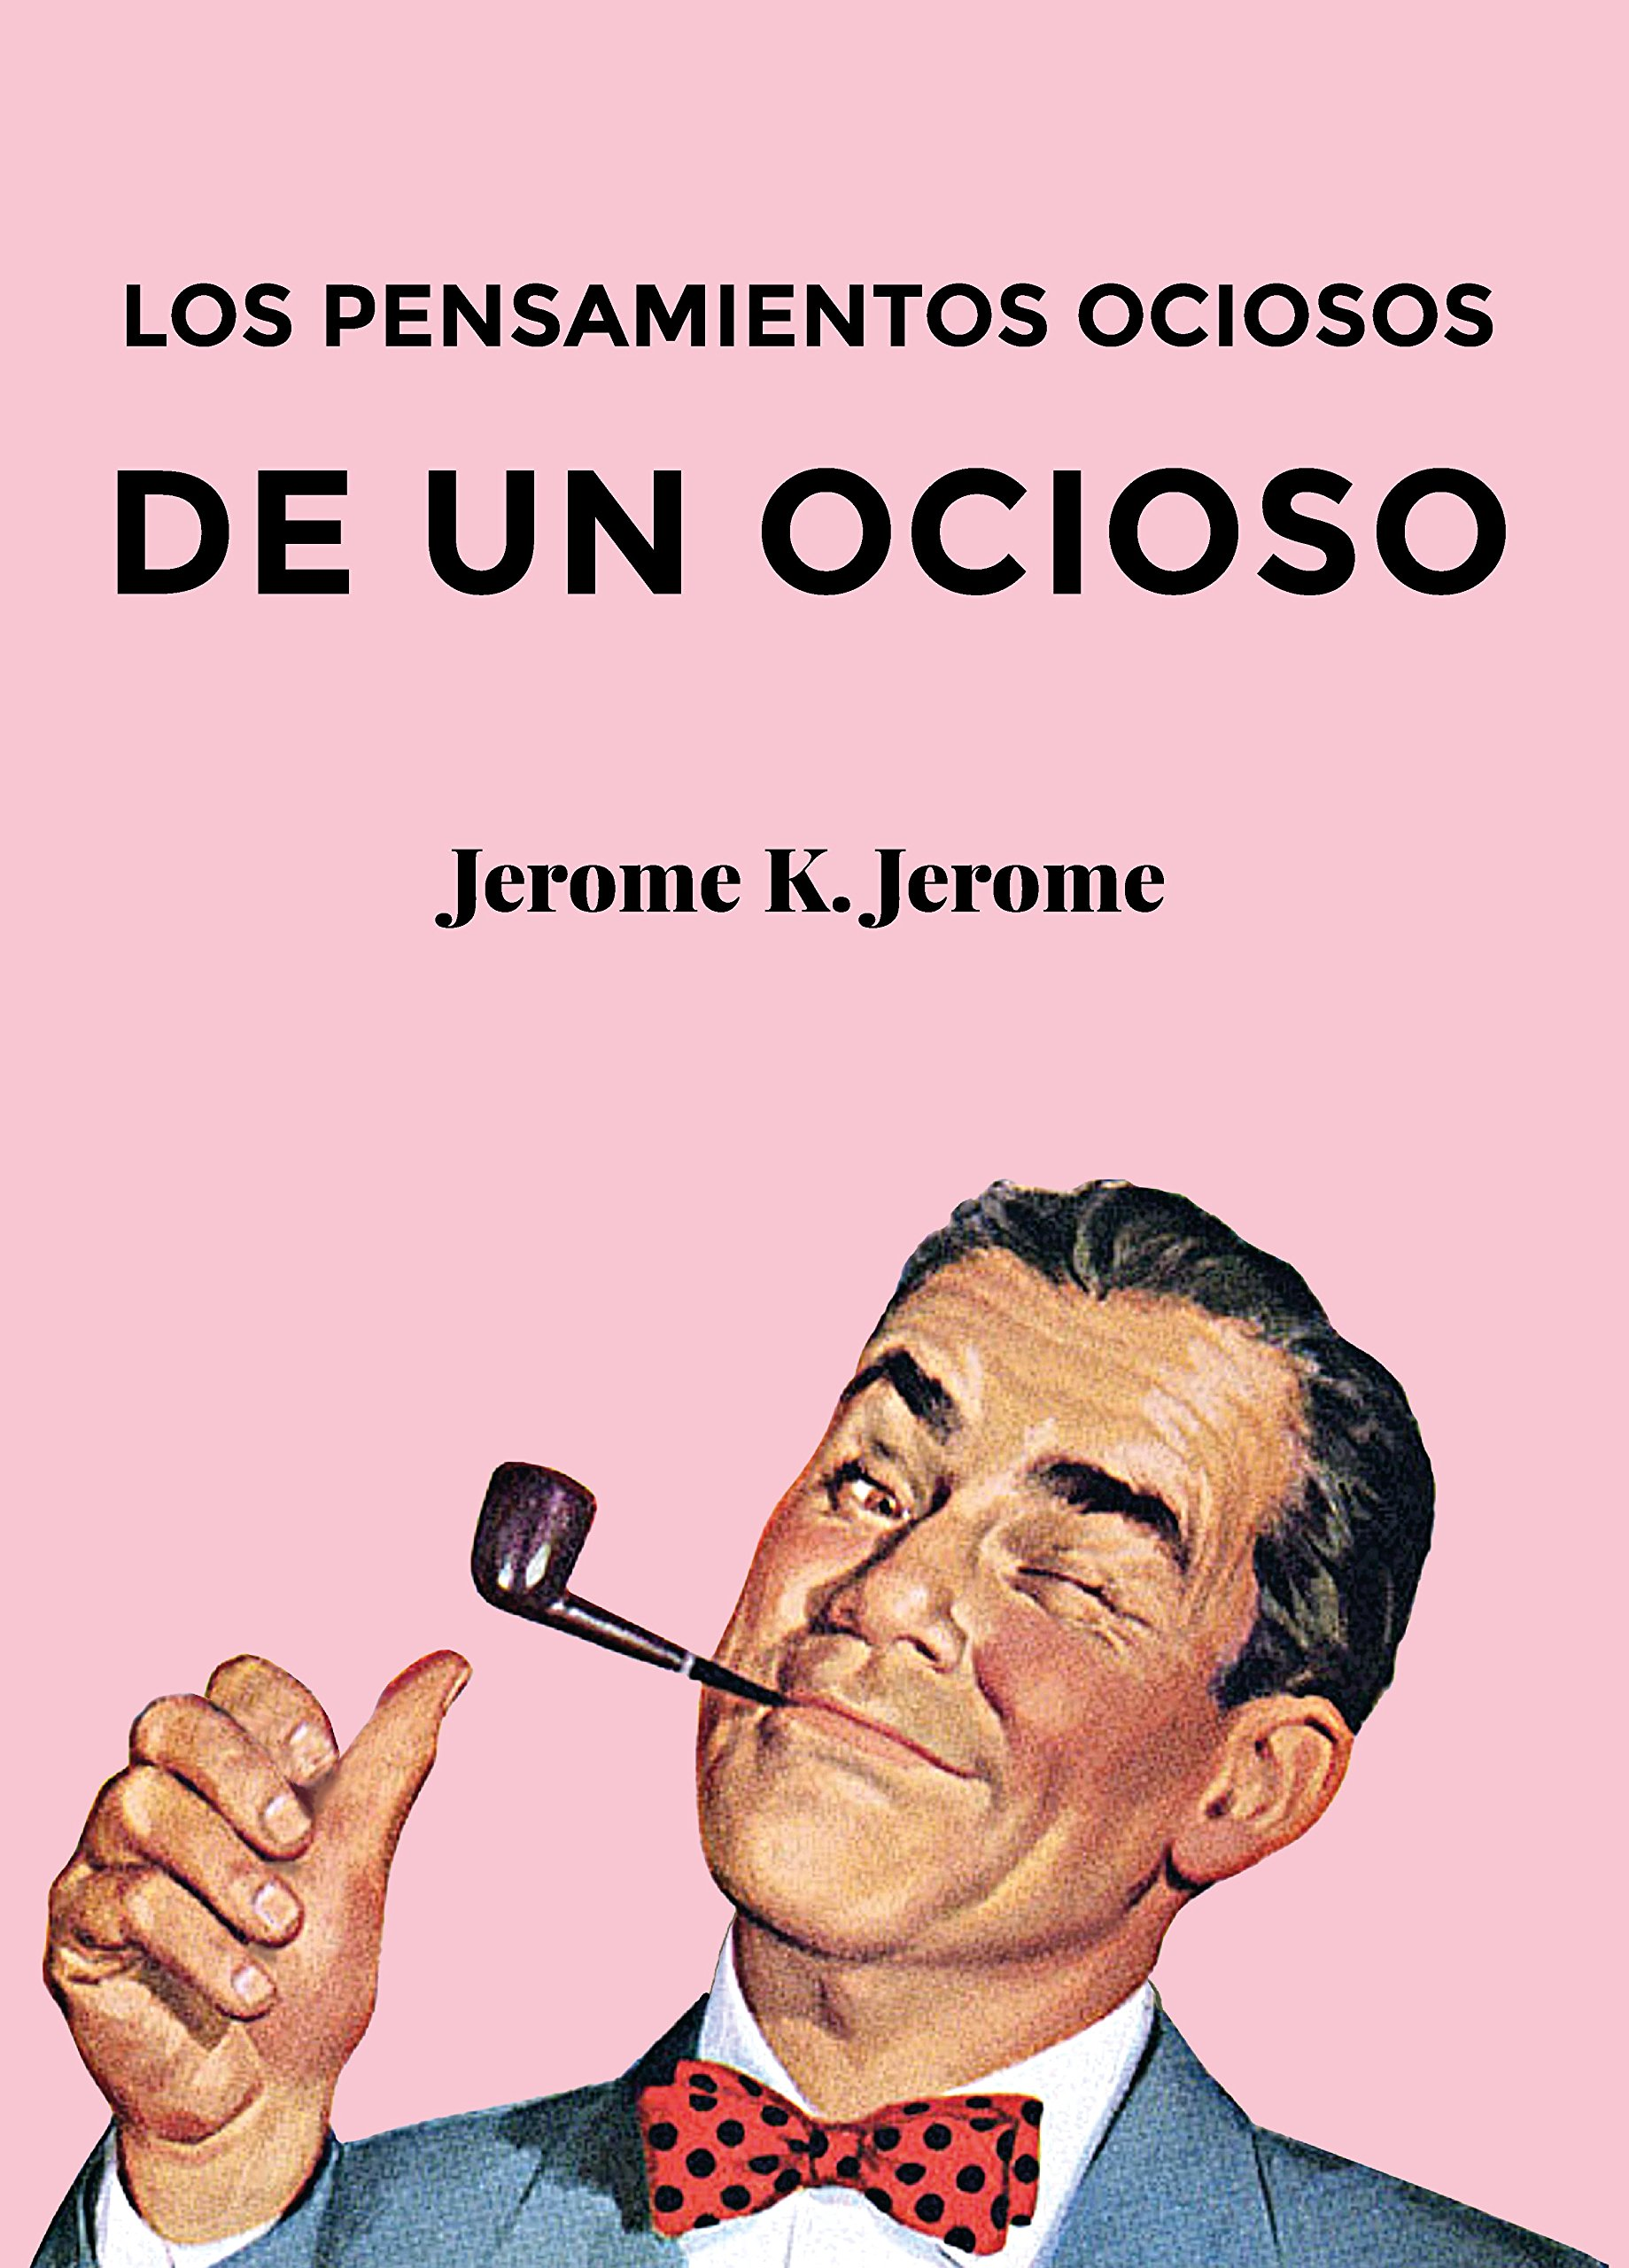 Los pensamientos ociosos de un ocioso: Amazon.es: Jerome, Jerome K ...